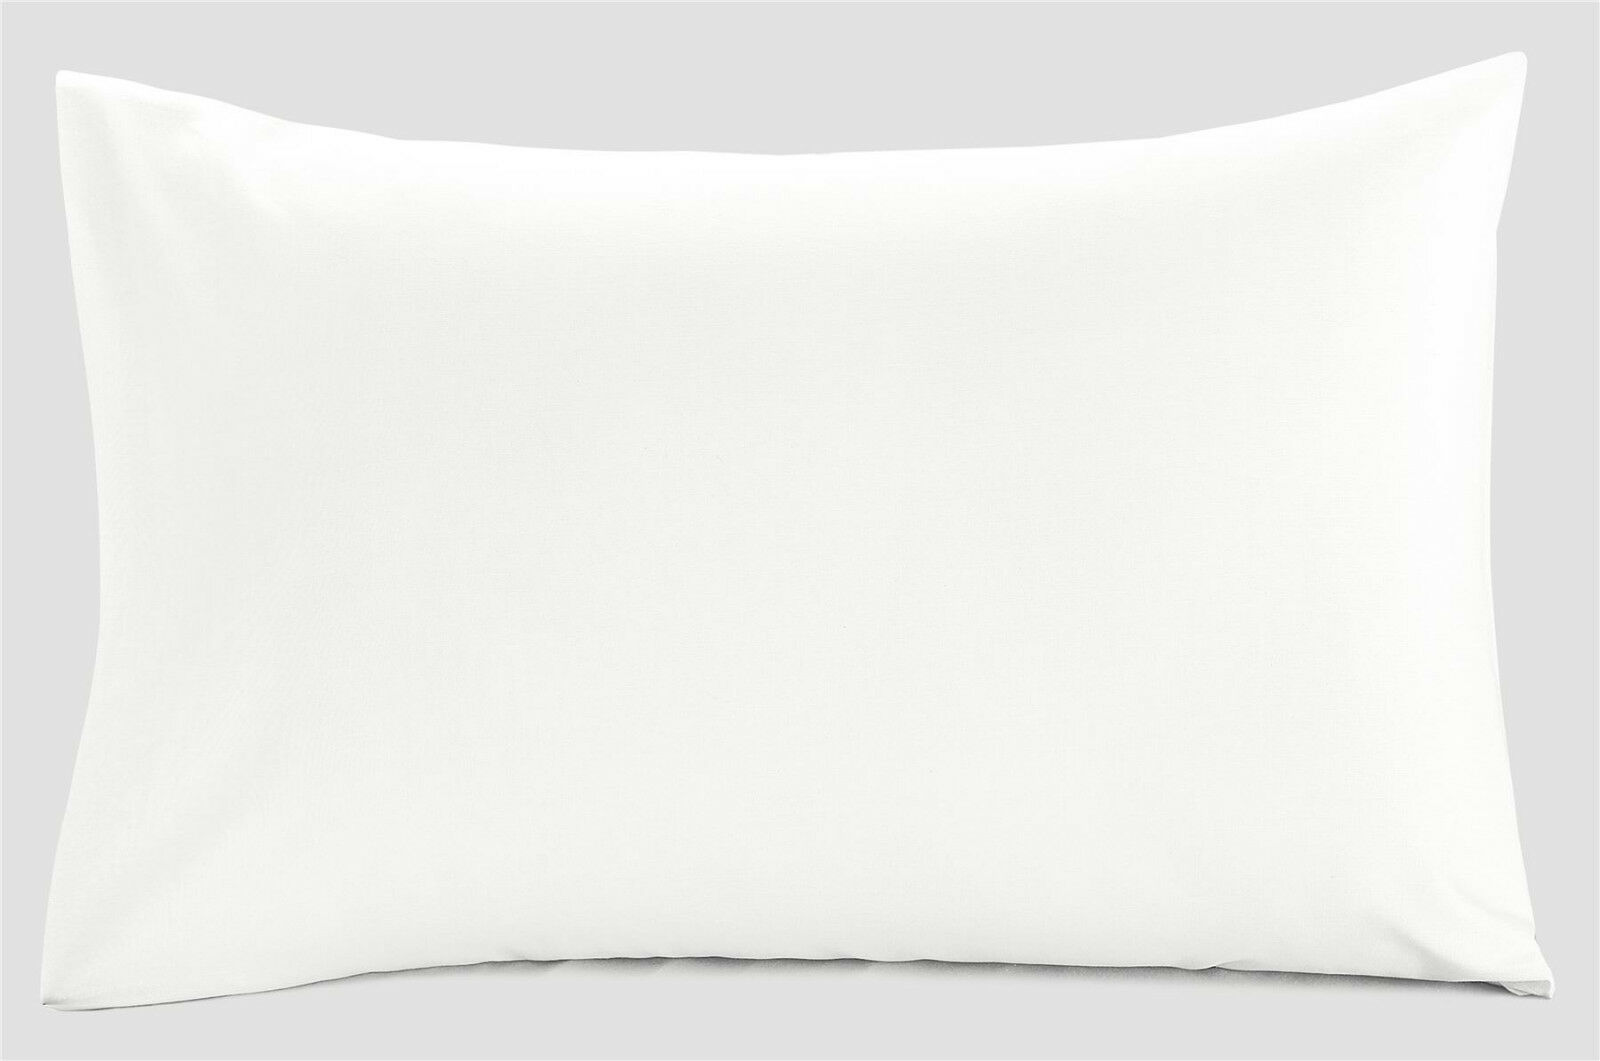 COTONE Egiziano IMPERATORE 400Tc di dimensioni federe per cuscini  20  x 42  cuscini bianca COPPIA Set di 2 15a388